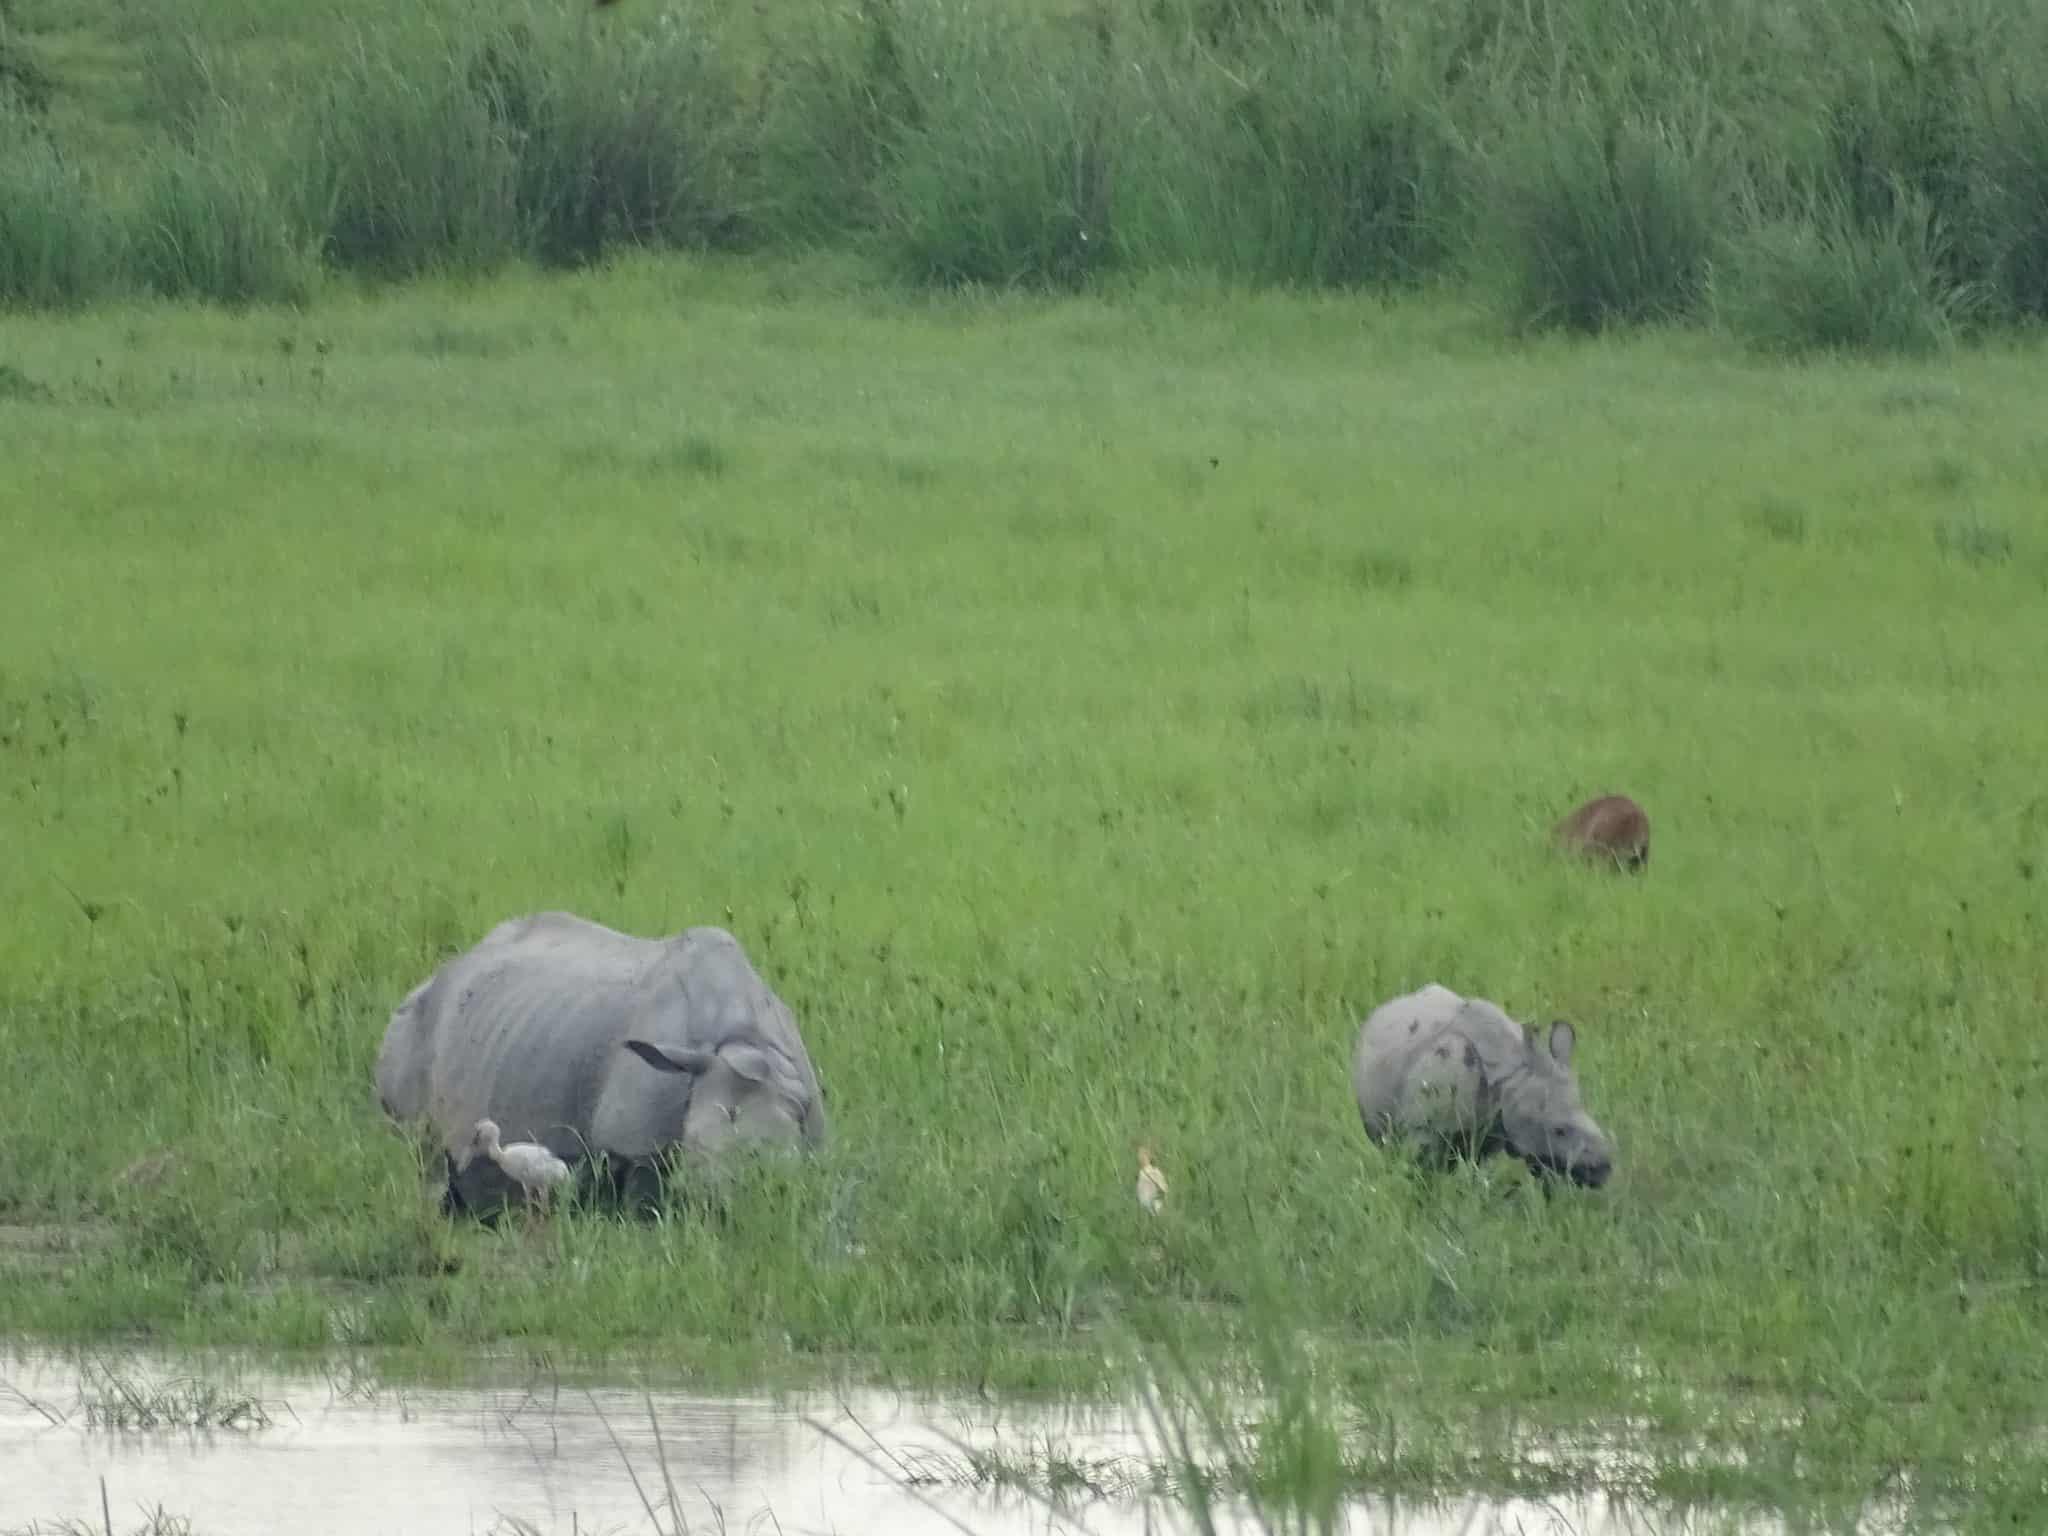 Rhino Spotting in Kaziranga